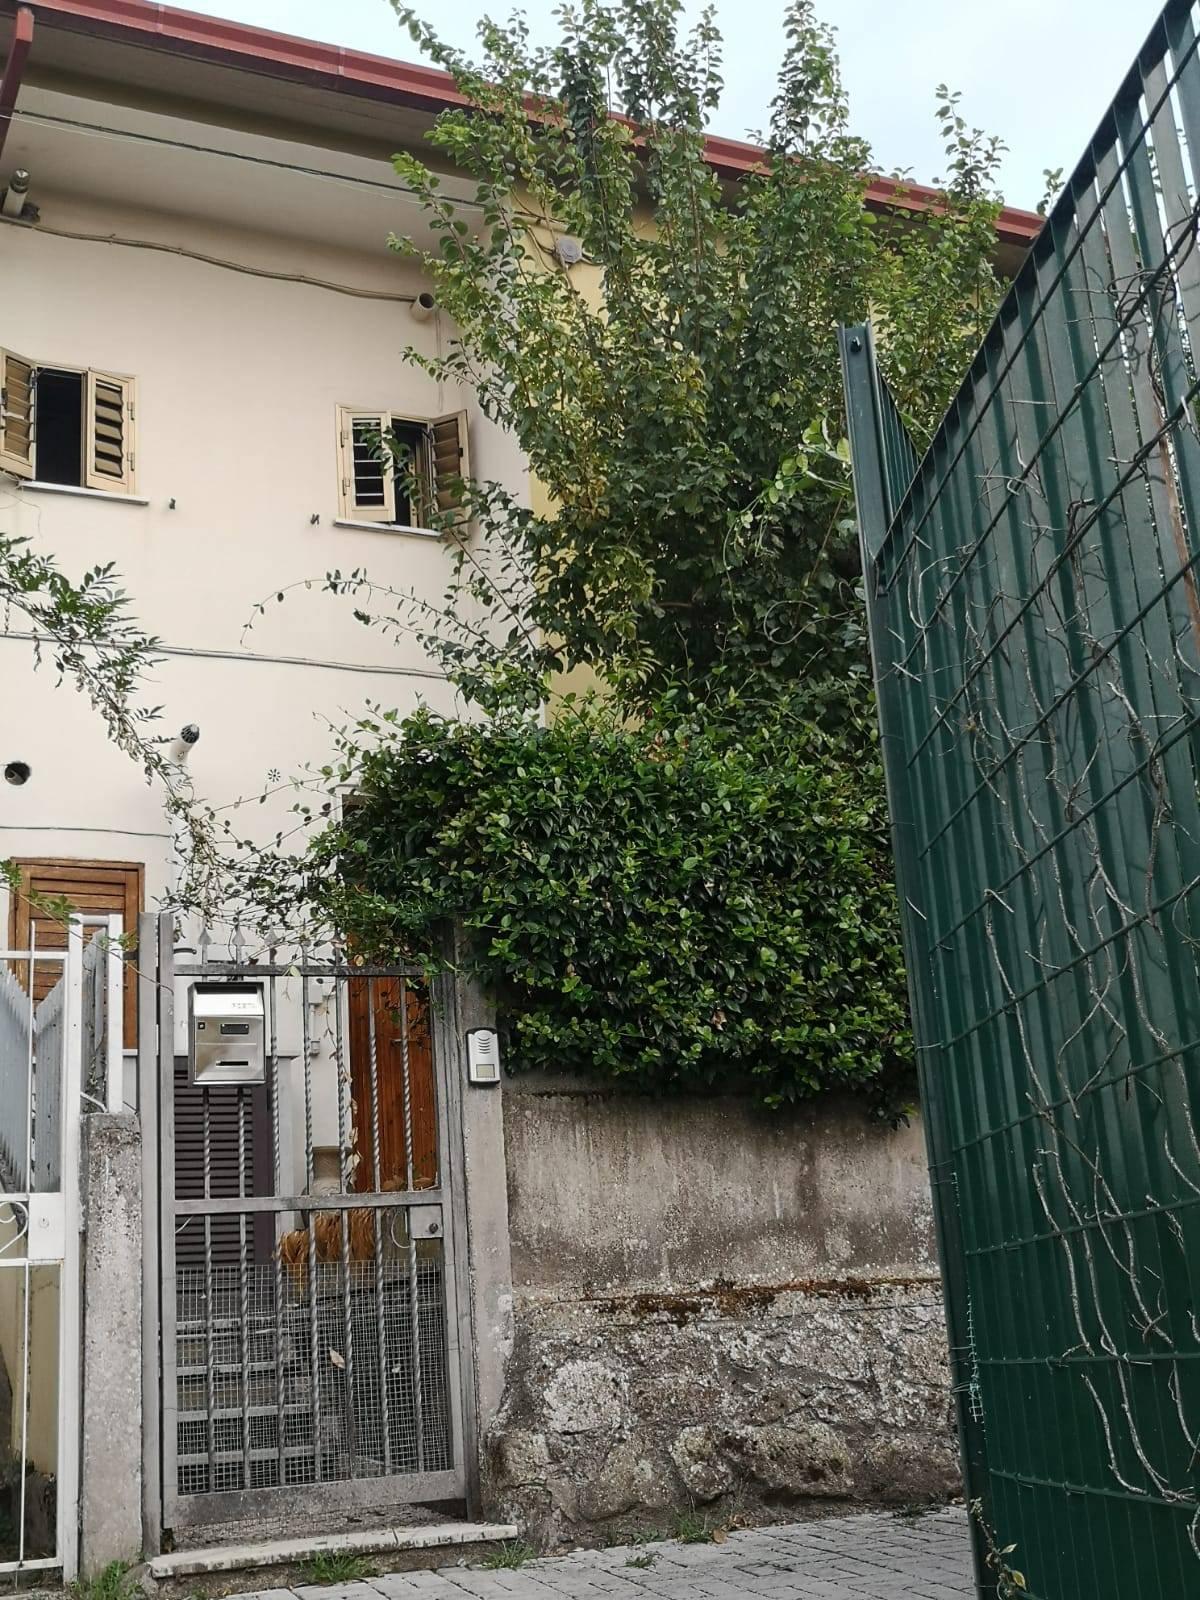 Appartamento in vendita a Colleferro, 3 locali, zona Località: VIAPRIVATA, prezzo € 70.000   CambioCasa.it